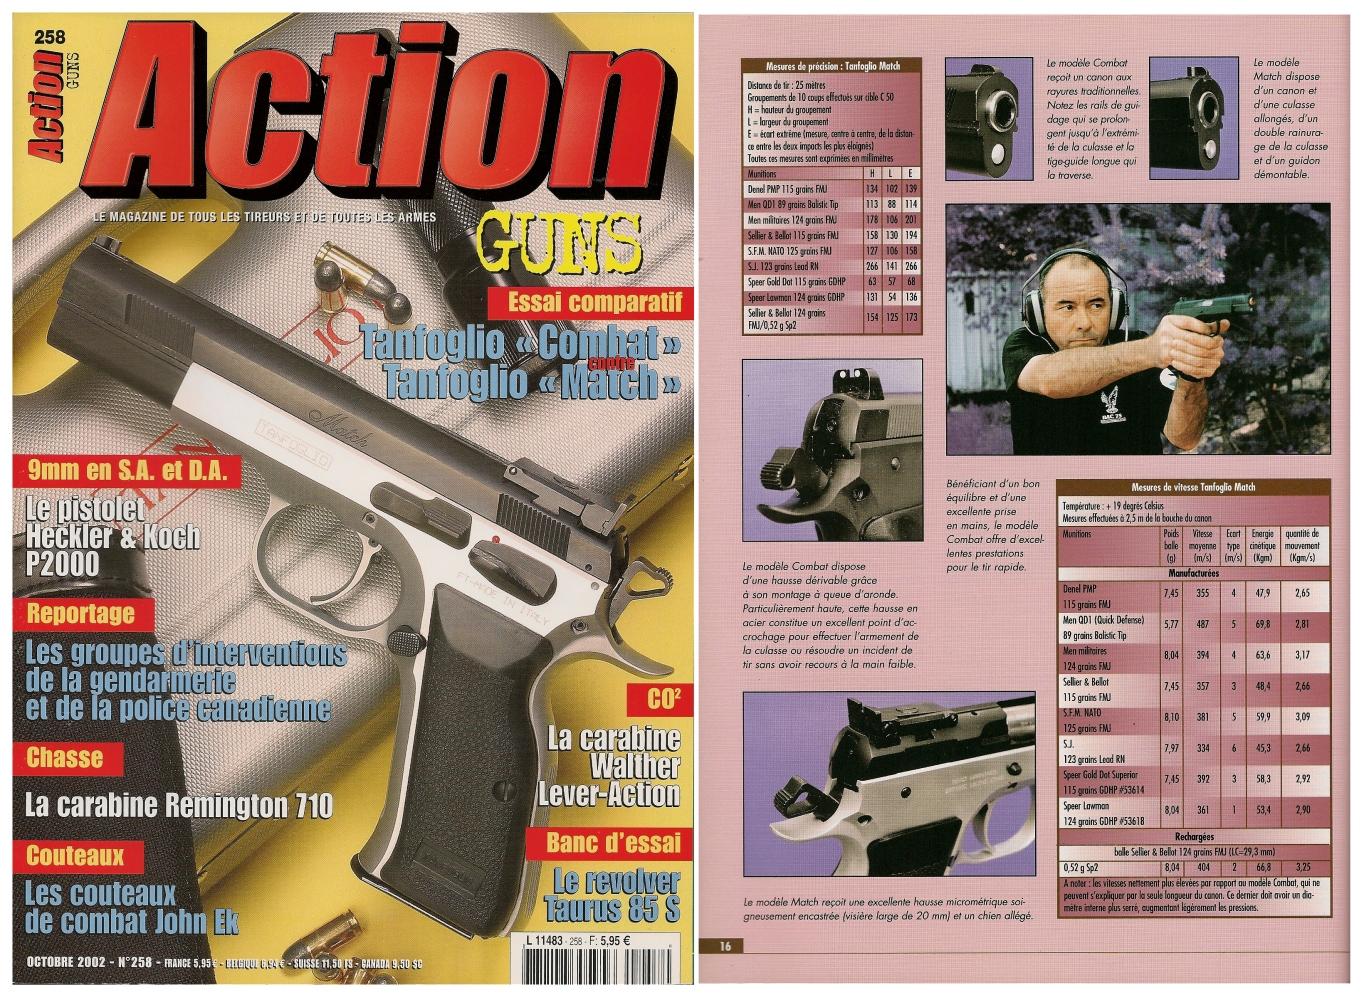 Le banc d'essai des pistolets Tanfoglio « Combat » et « Match » a été publié sur 7 pages dans le magazine Action Guns n°258 (octobre 2002).